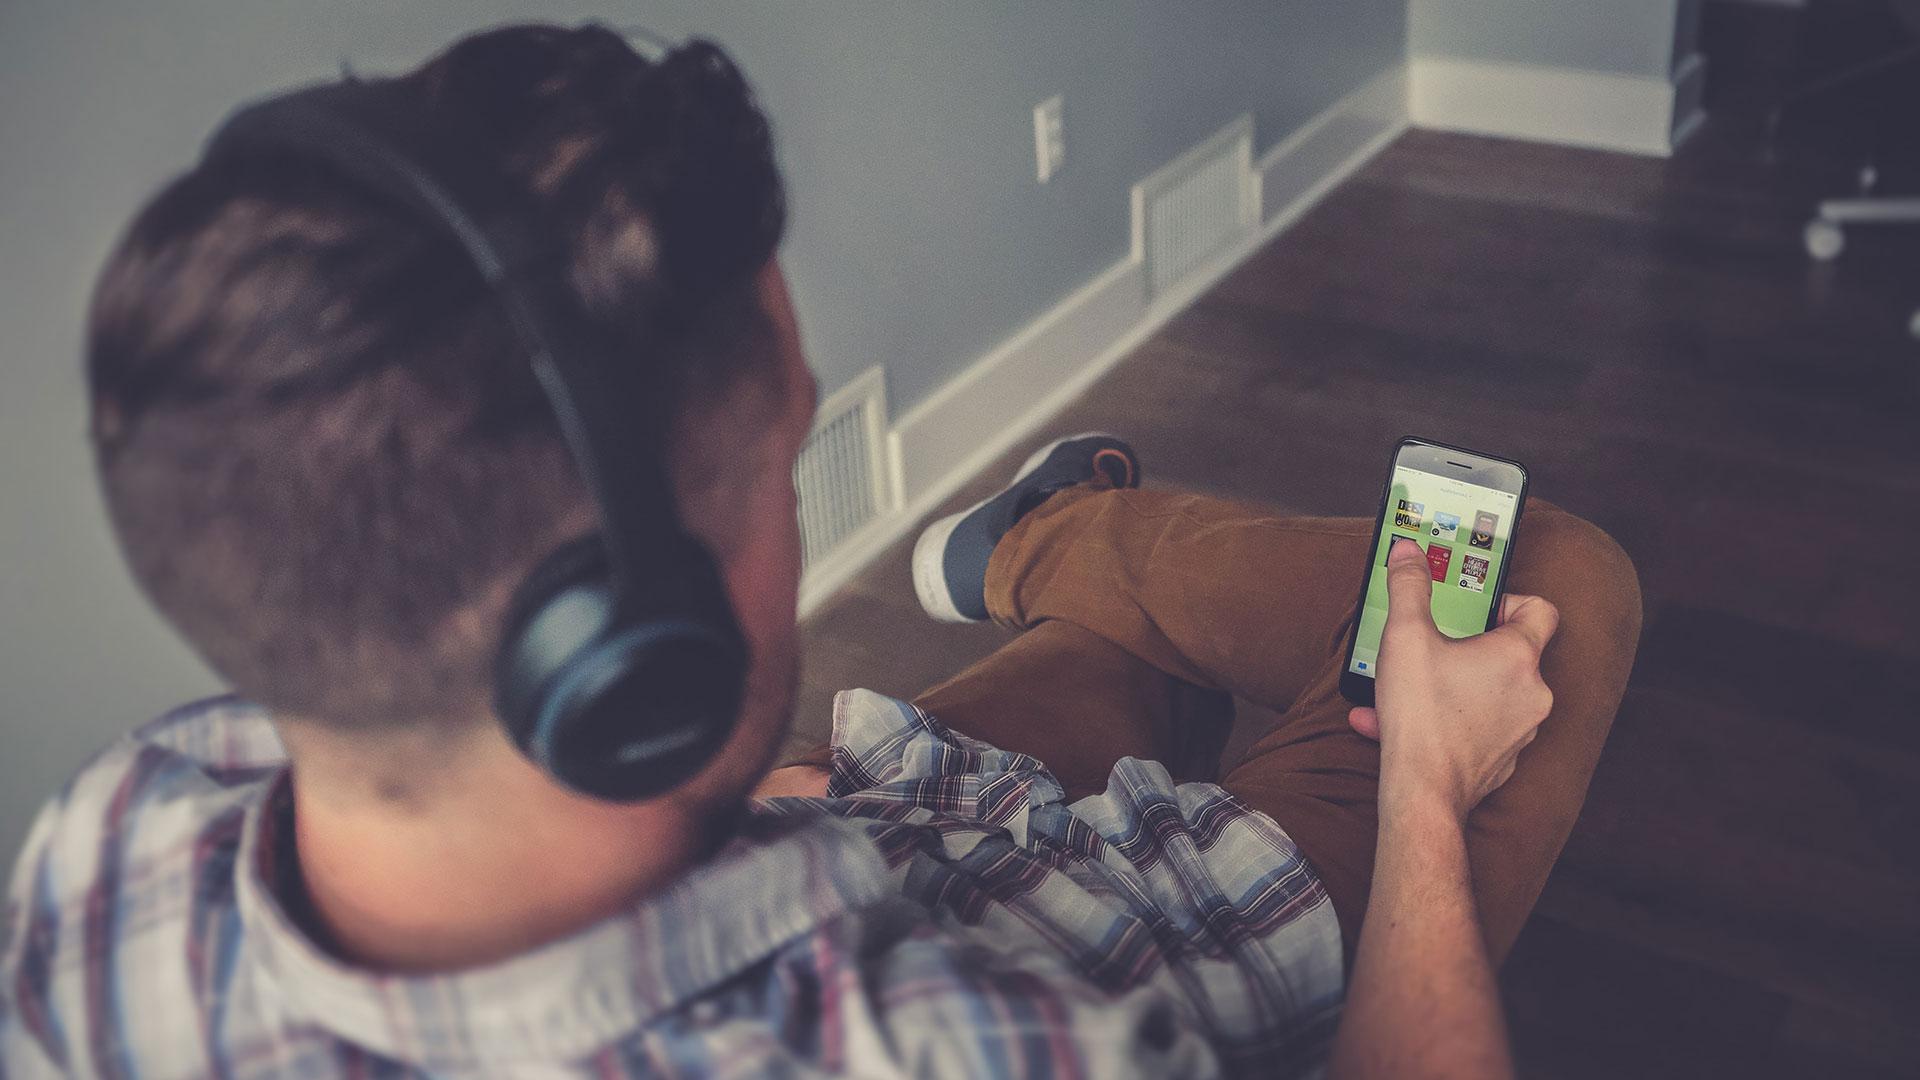 I vantaggi degli audiolibri: ecco perché dovresti iniziare ad ascoltarli